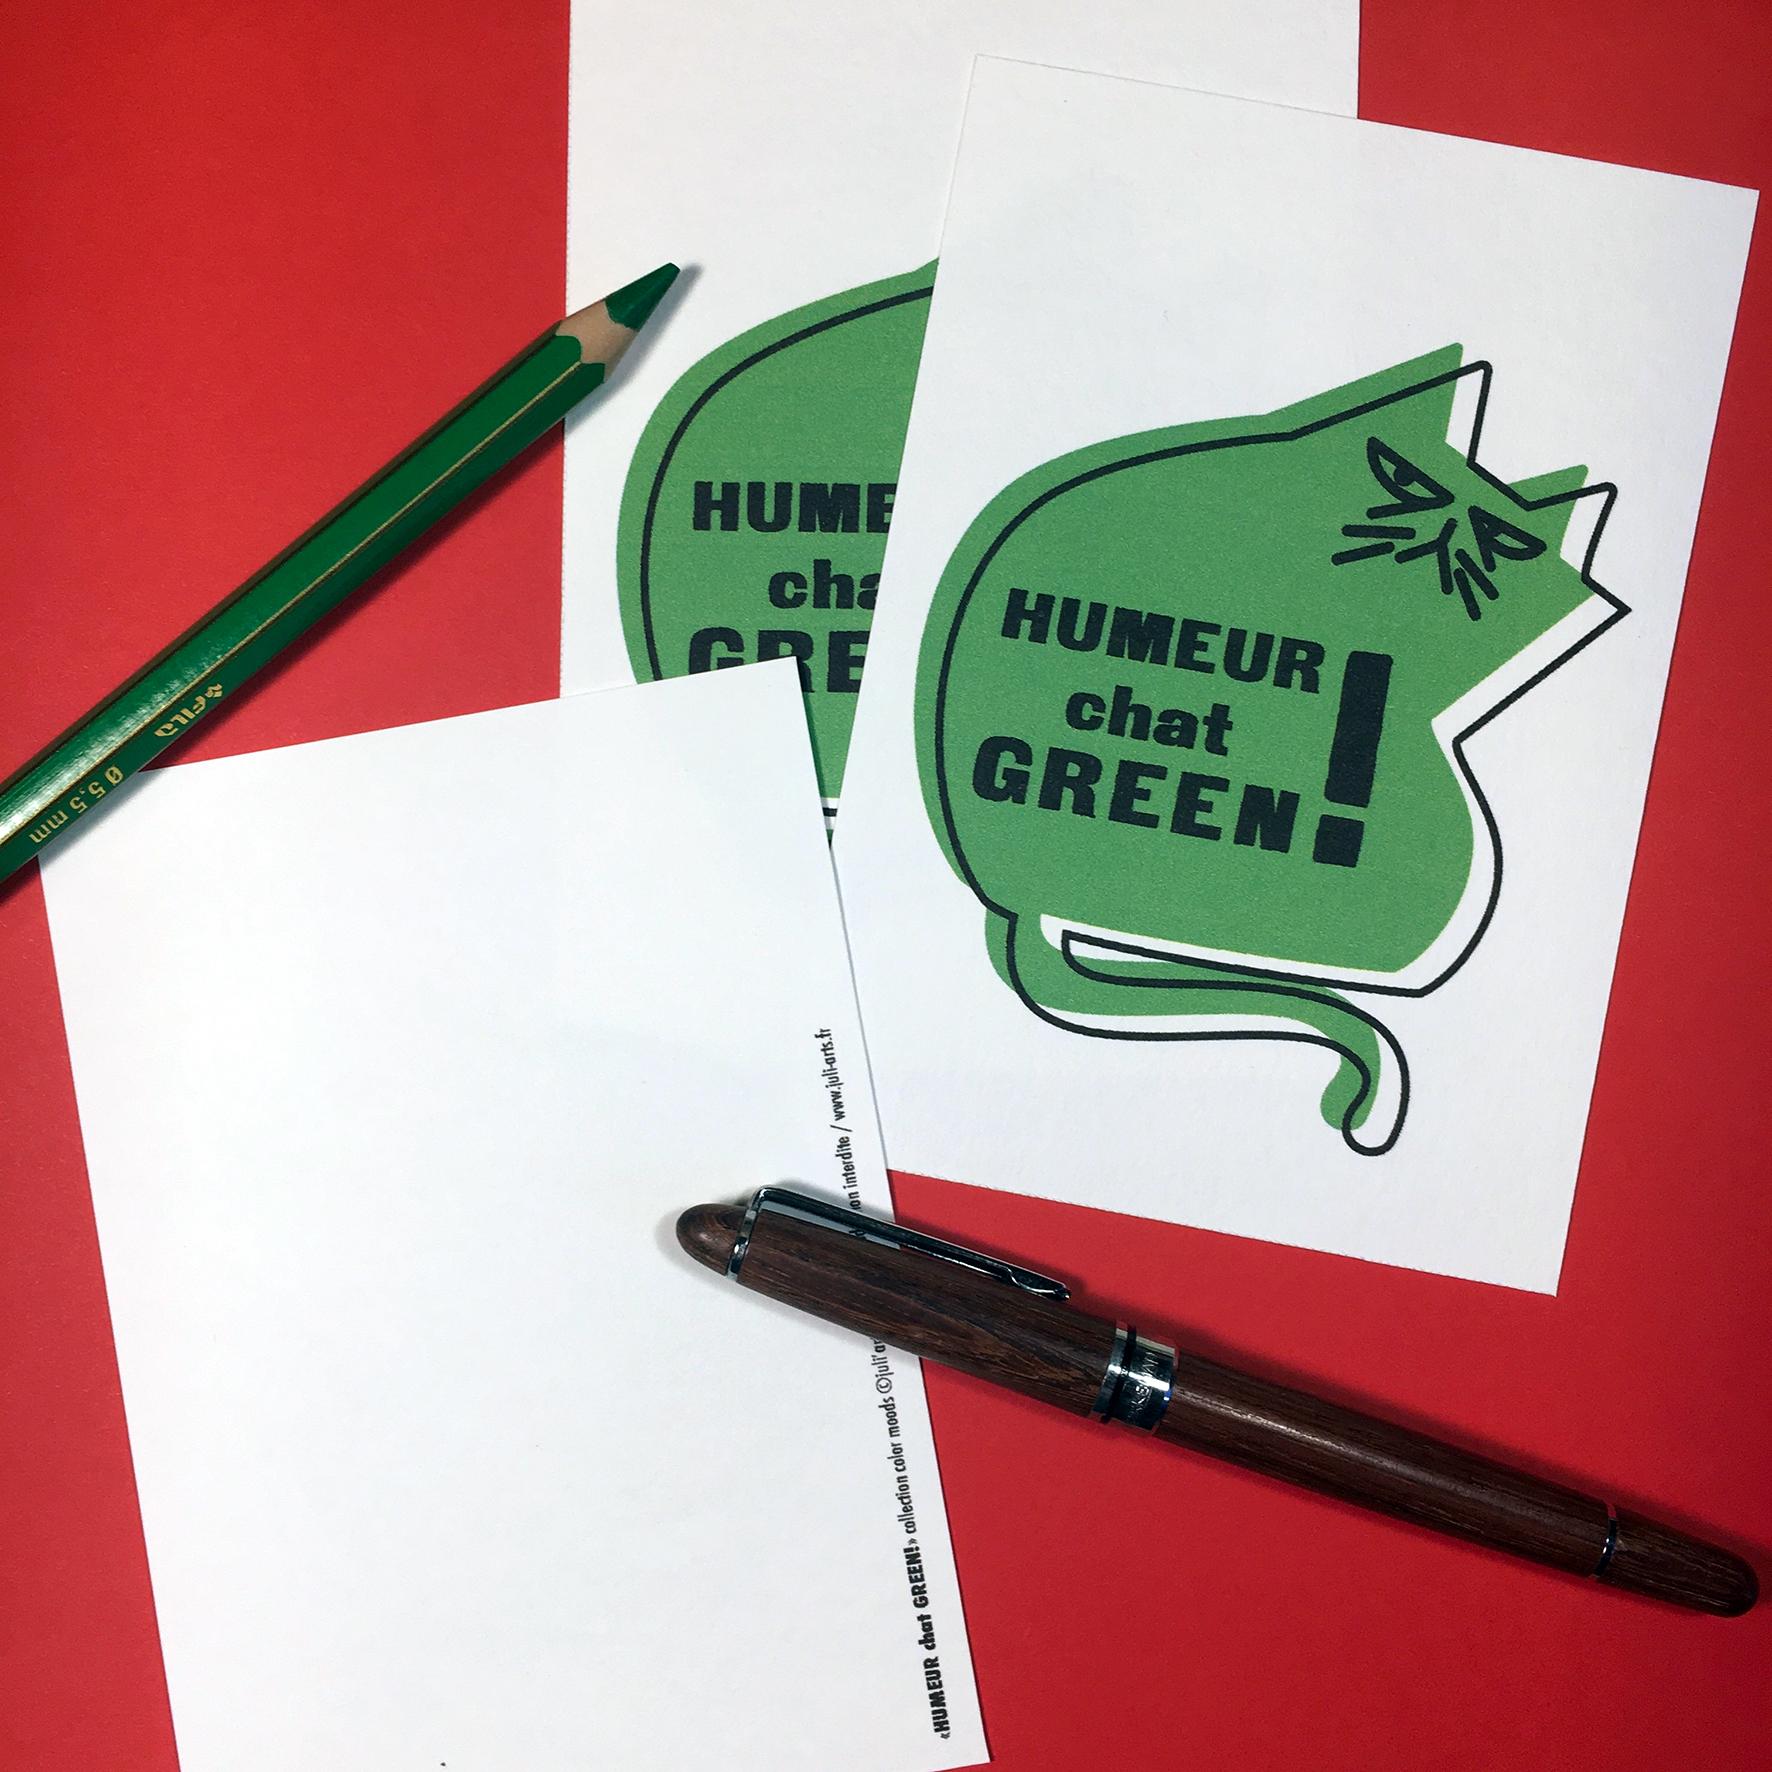 """""""Color Moods Humeur chat GREEN!"""" Carte  10x14 cm + enveloppe blanche / 2,50€ pièce hors fdp / 4 derniers exemplaires!"""